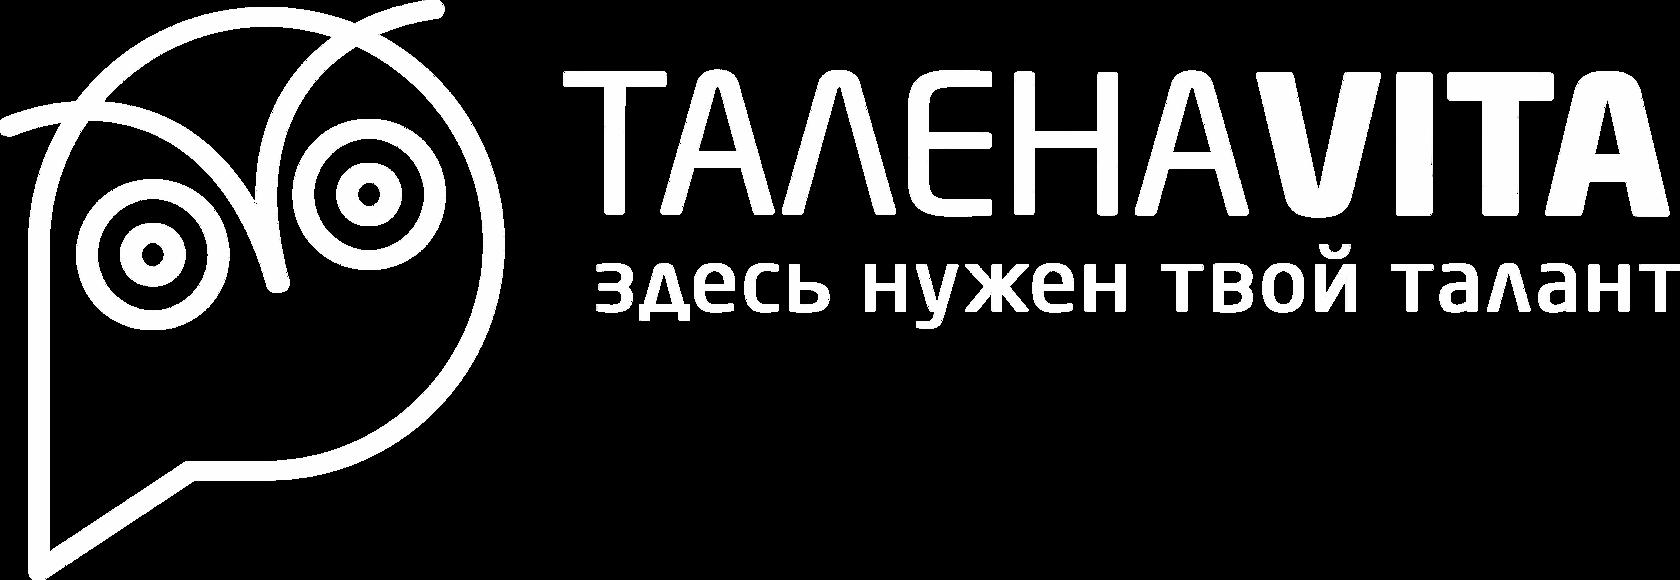 Таленавита